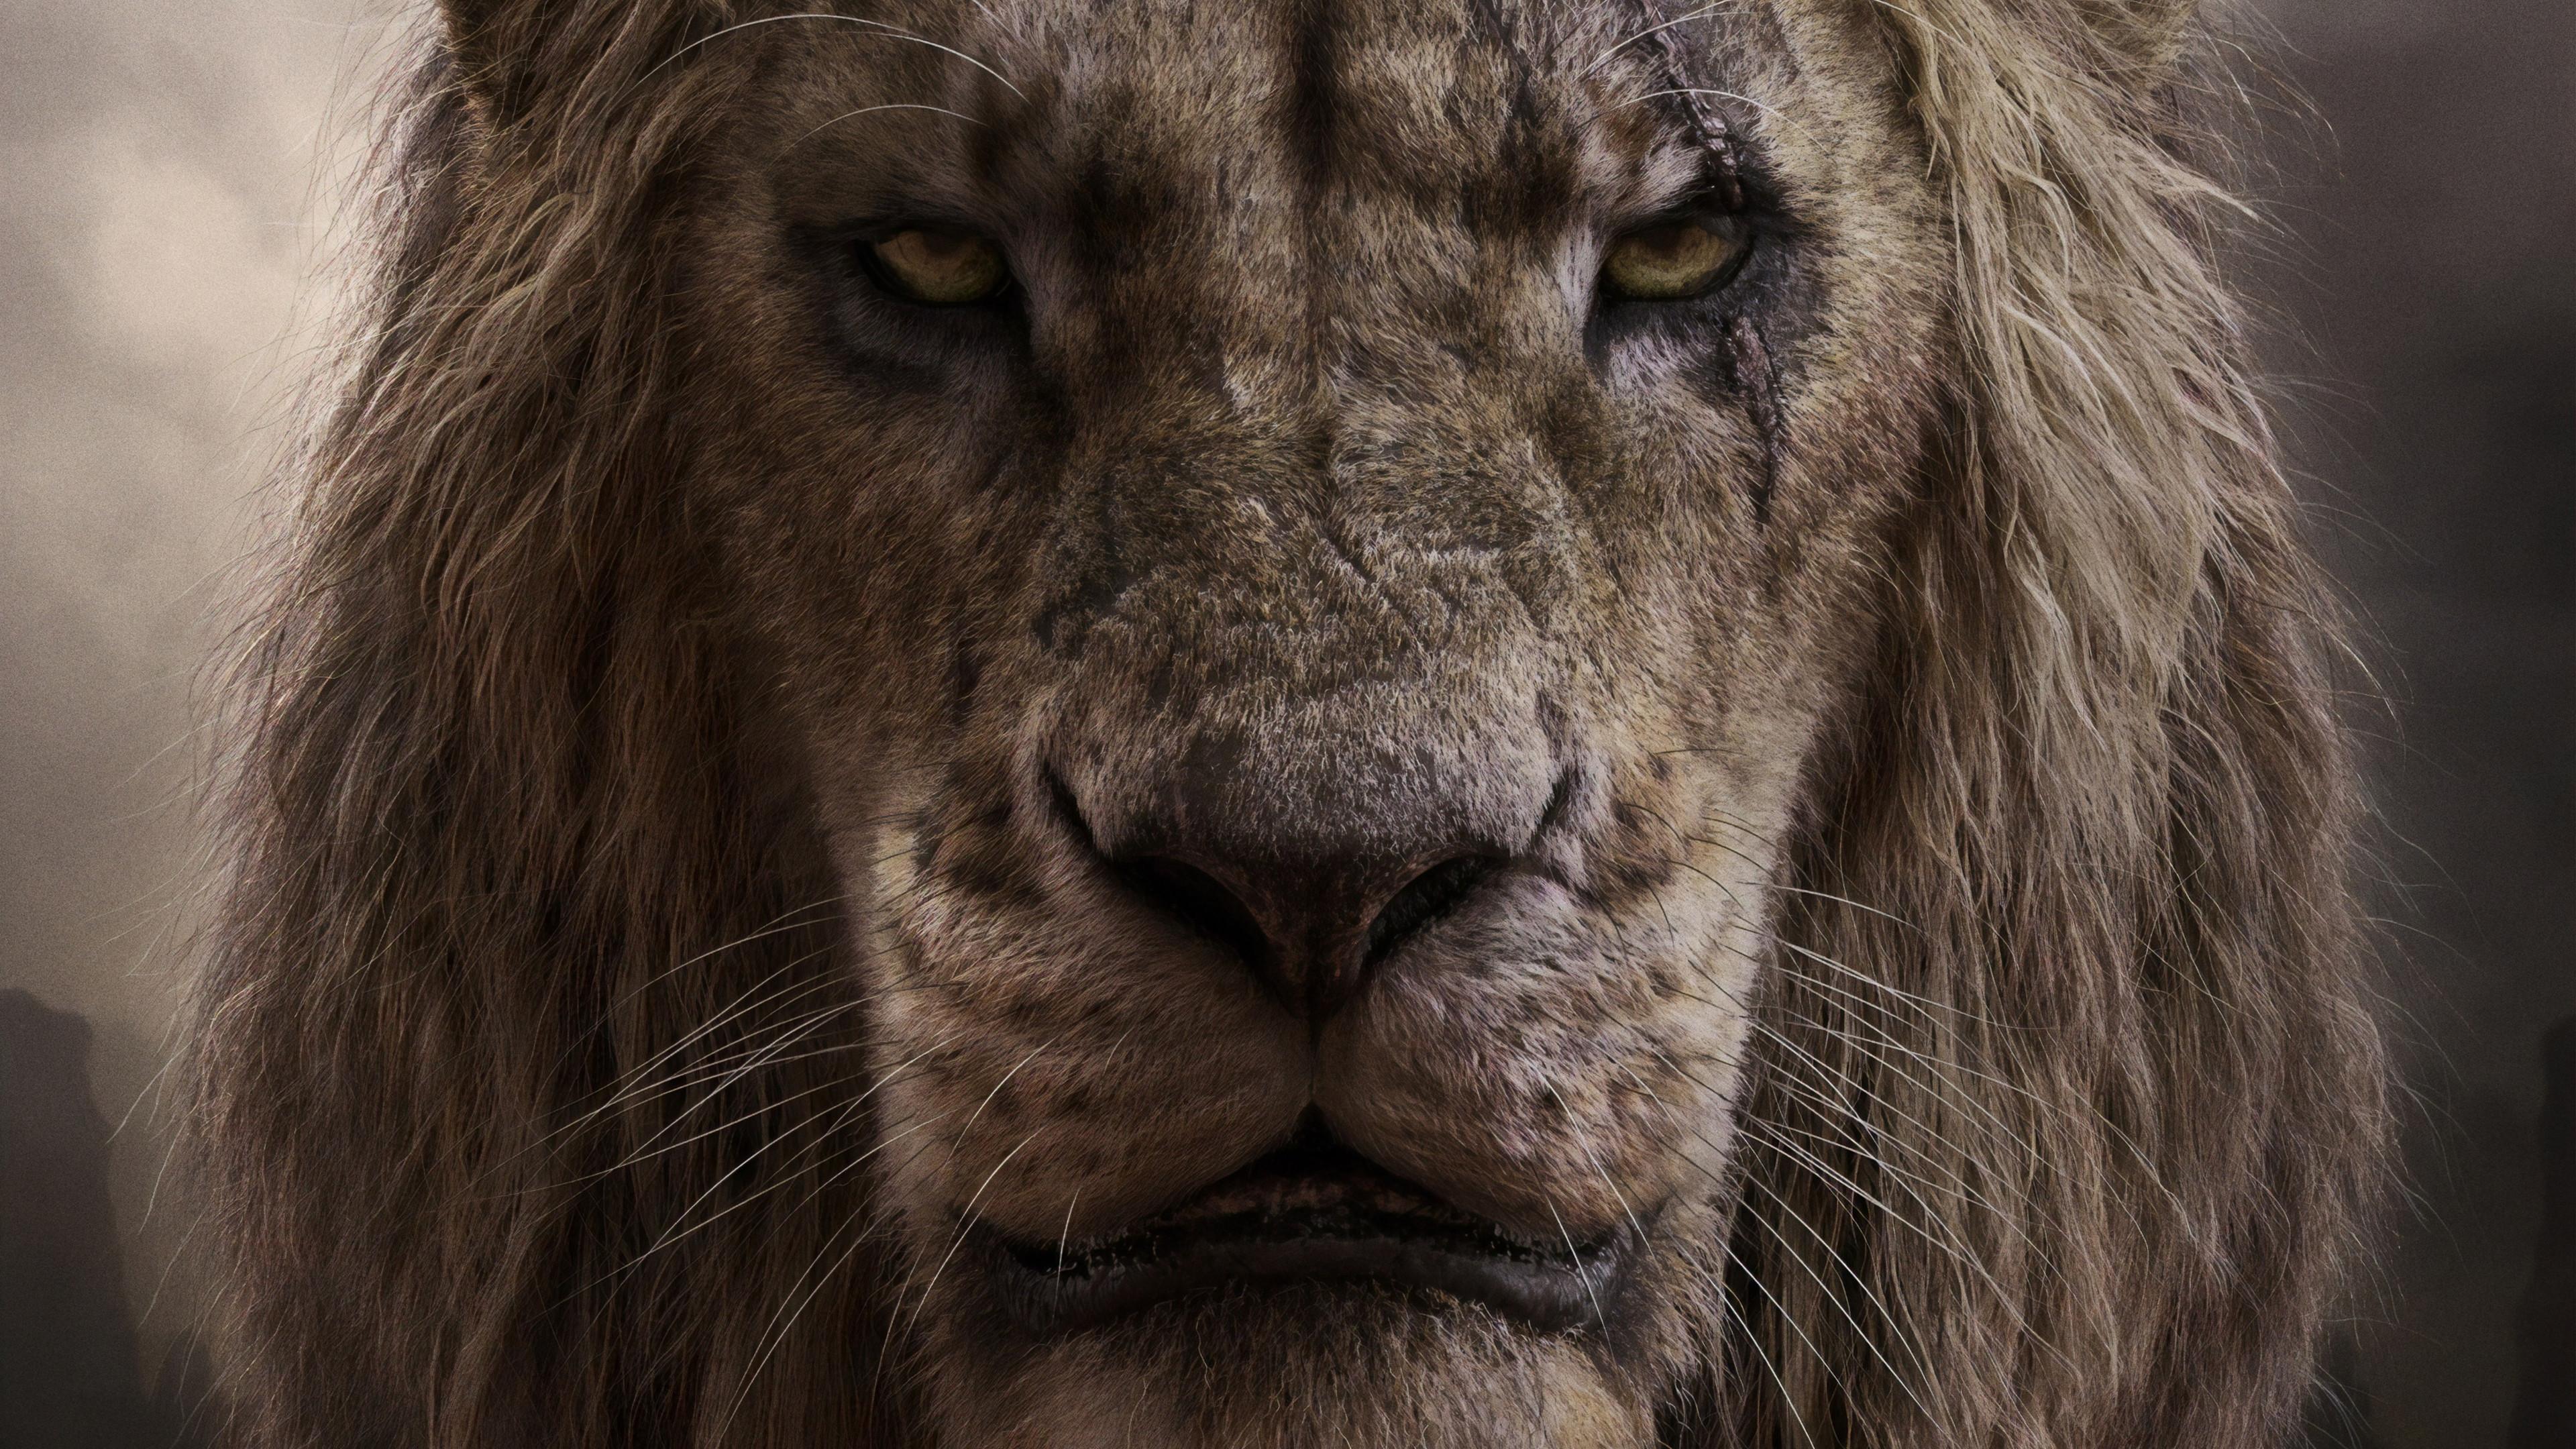 The Lion King 2019 Scar 4k Wallpaper 2